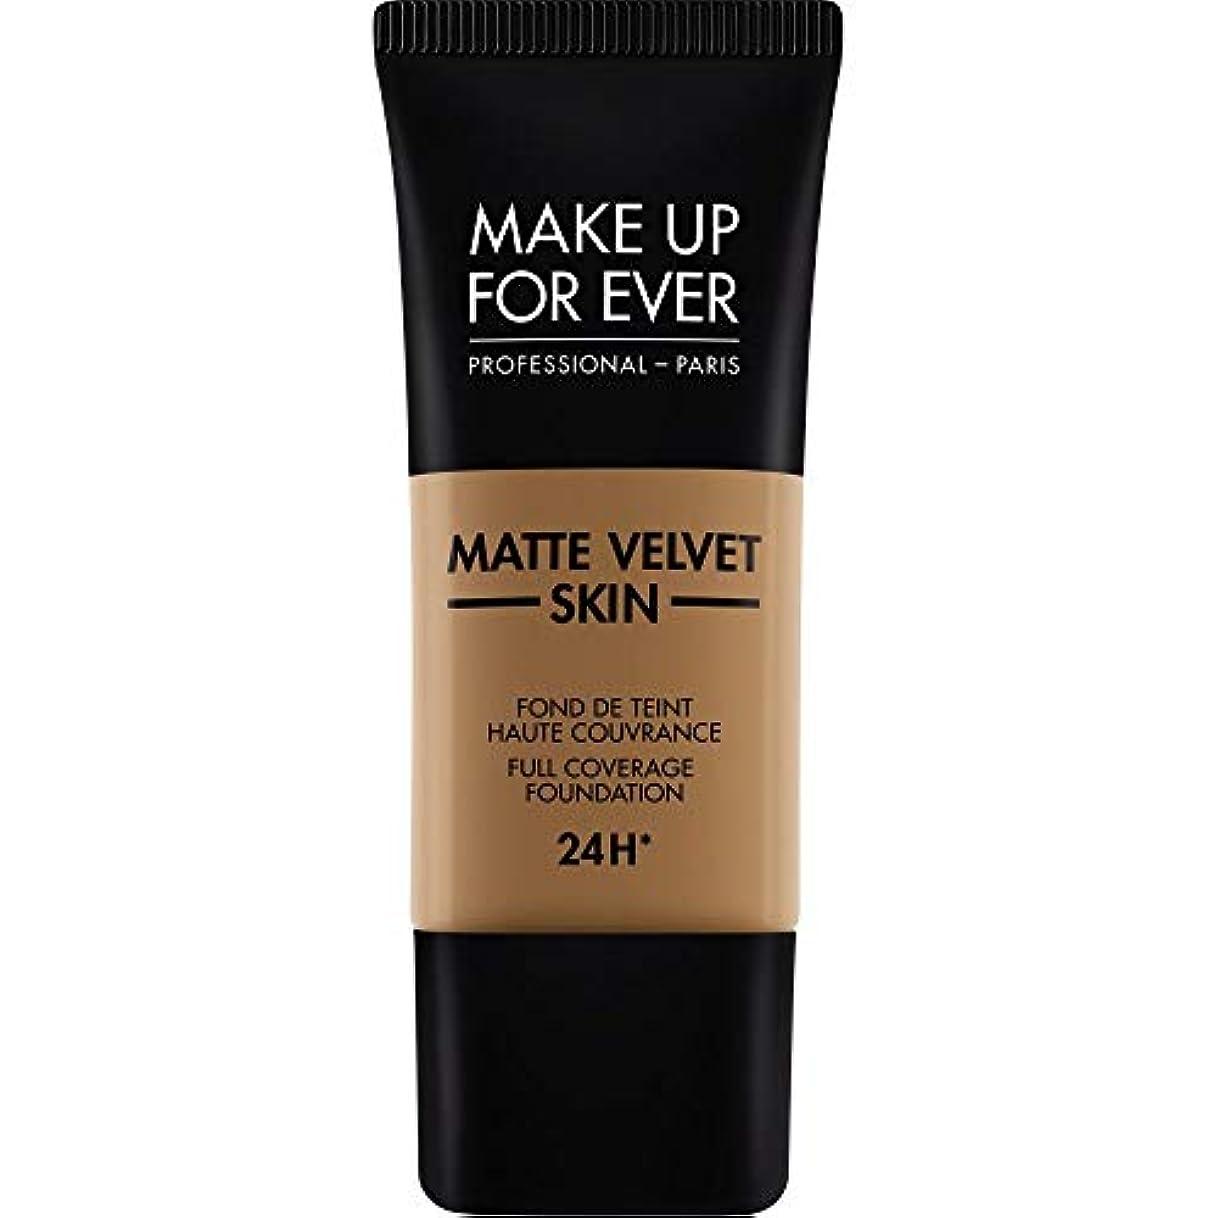 落ちた血色の良い健全[MAKE UP FOR EVER ] これまでマットベルベットの皮膚のフルカバレッジ基礎30ミリリットルのY505を補う - コニャック - MAKE UP FOR EVER Matte Velvet Skin Full Coverage Foundation 30ml Y505 - Cognac [並行輸入品]